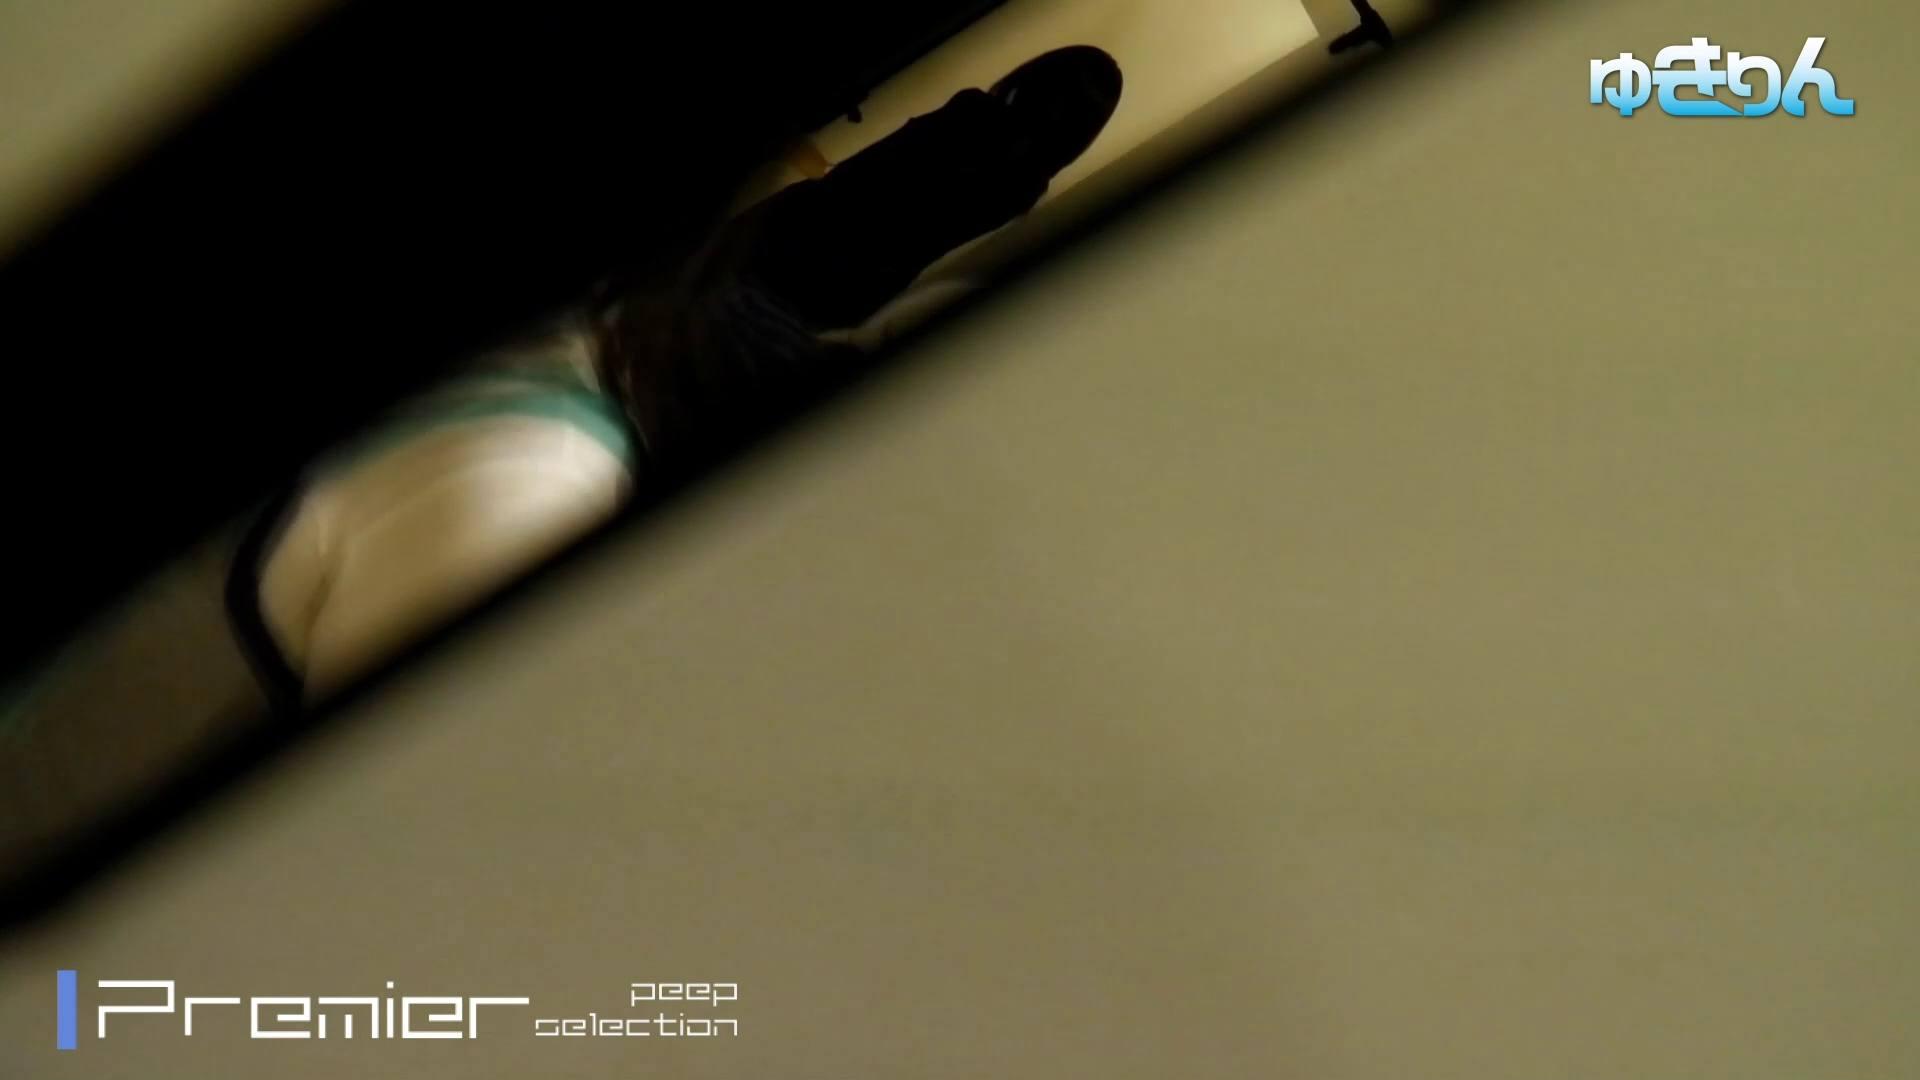 新世界の射窓 No100 祝 記念版!異次元な明るさと技術 無料動画 洗面所  73PIX 20